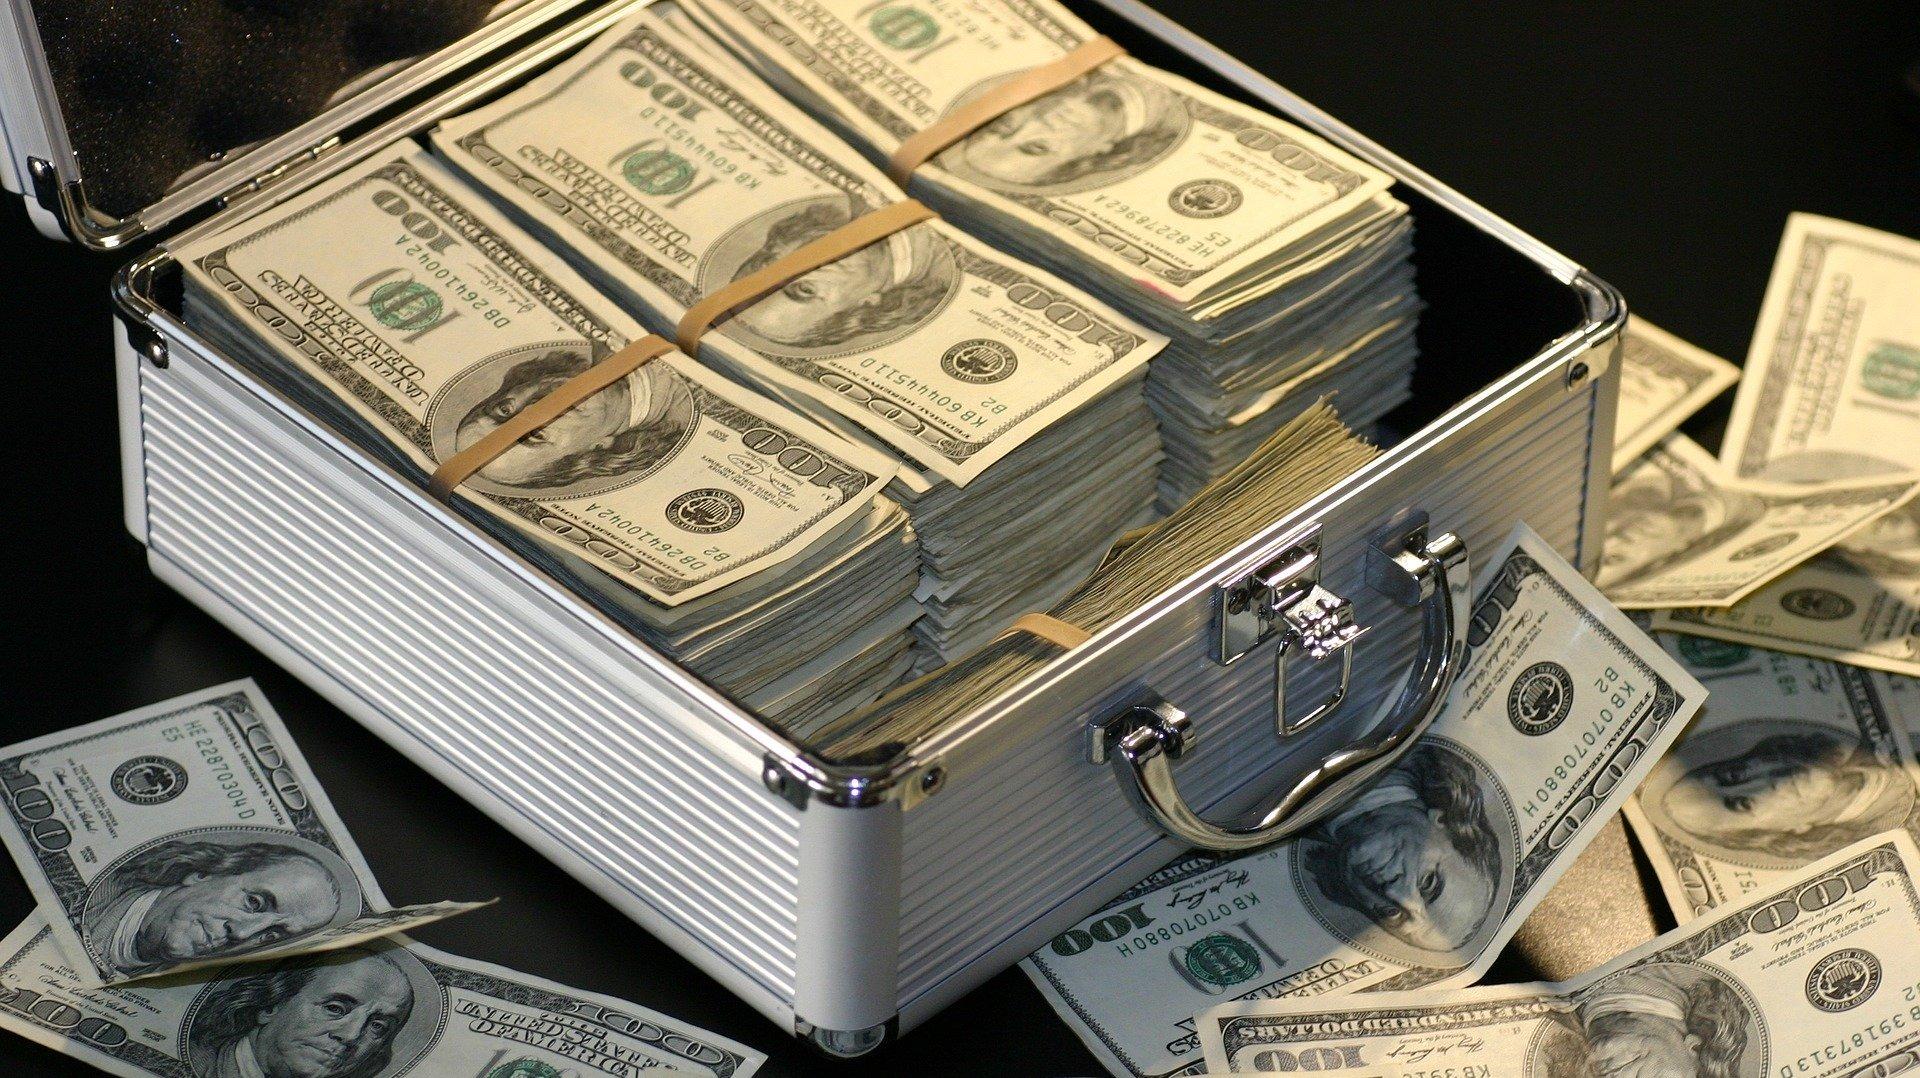 https://pixabay.com/photos/money-dollars-success-business-1428594/